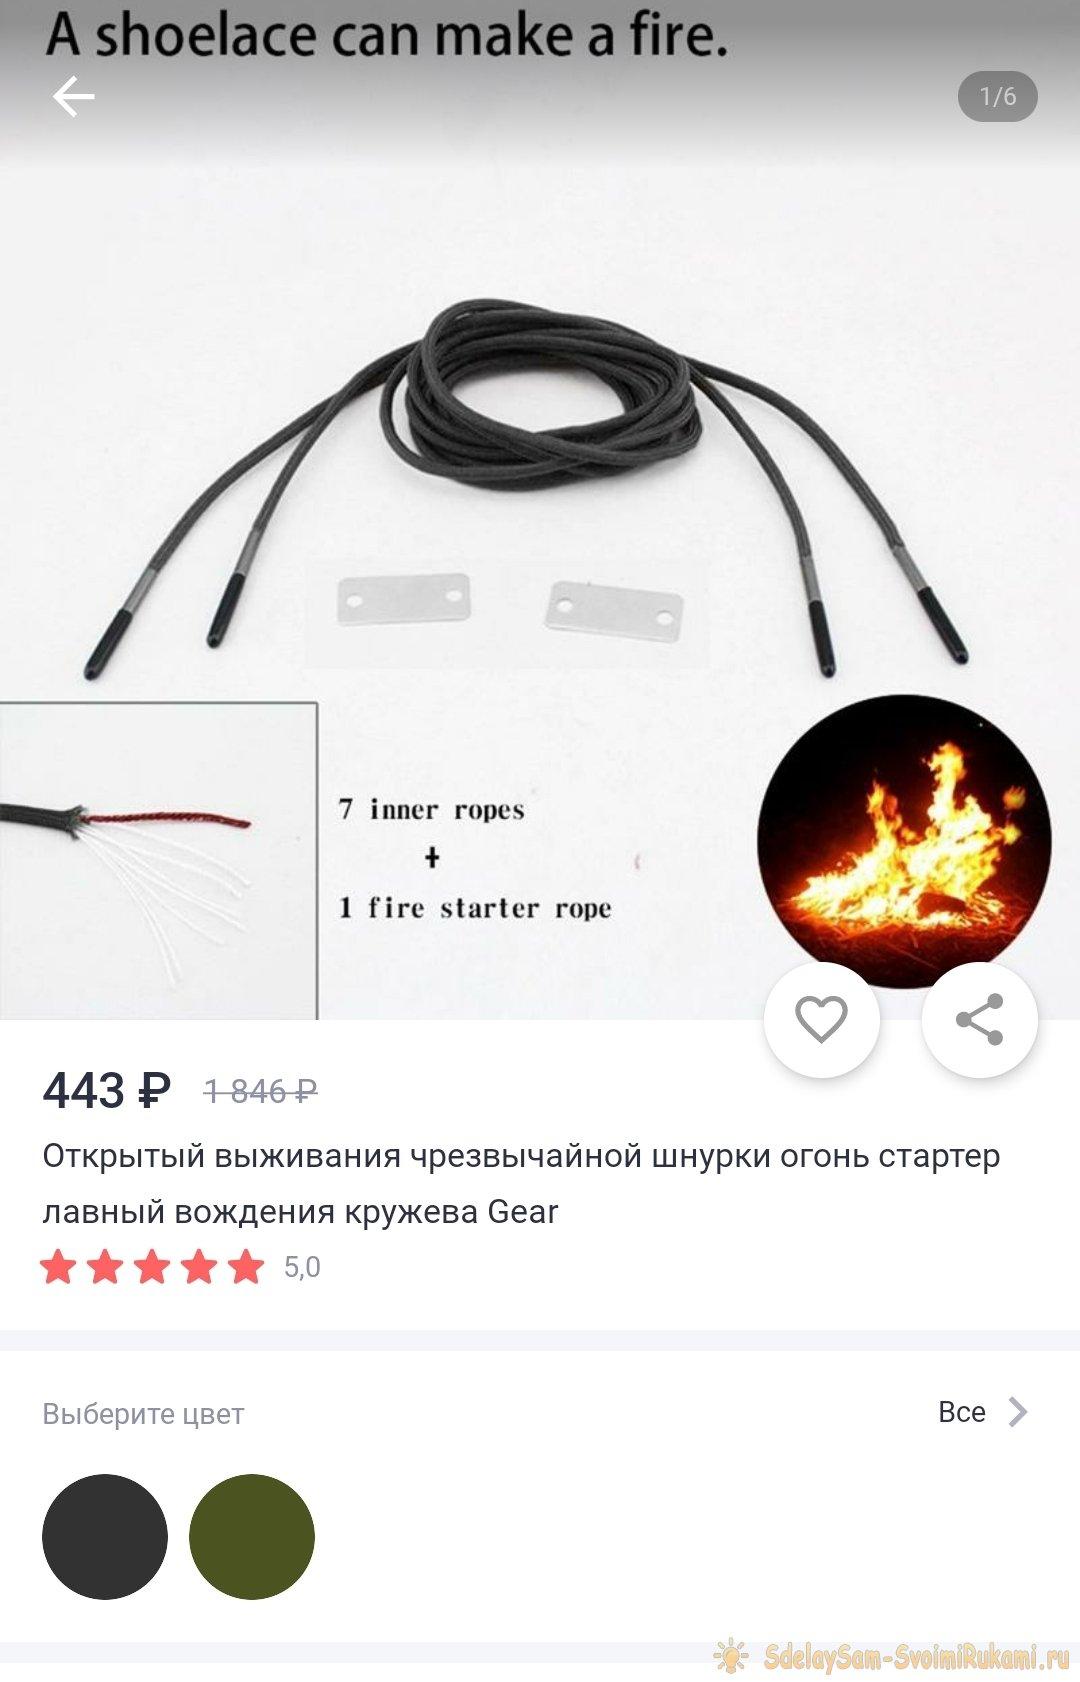 Шнурки-огниво своими руками